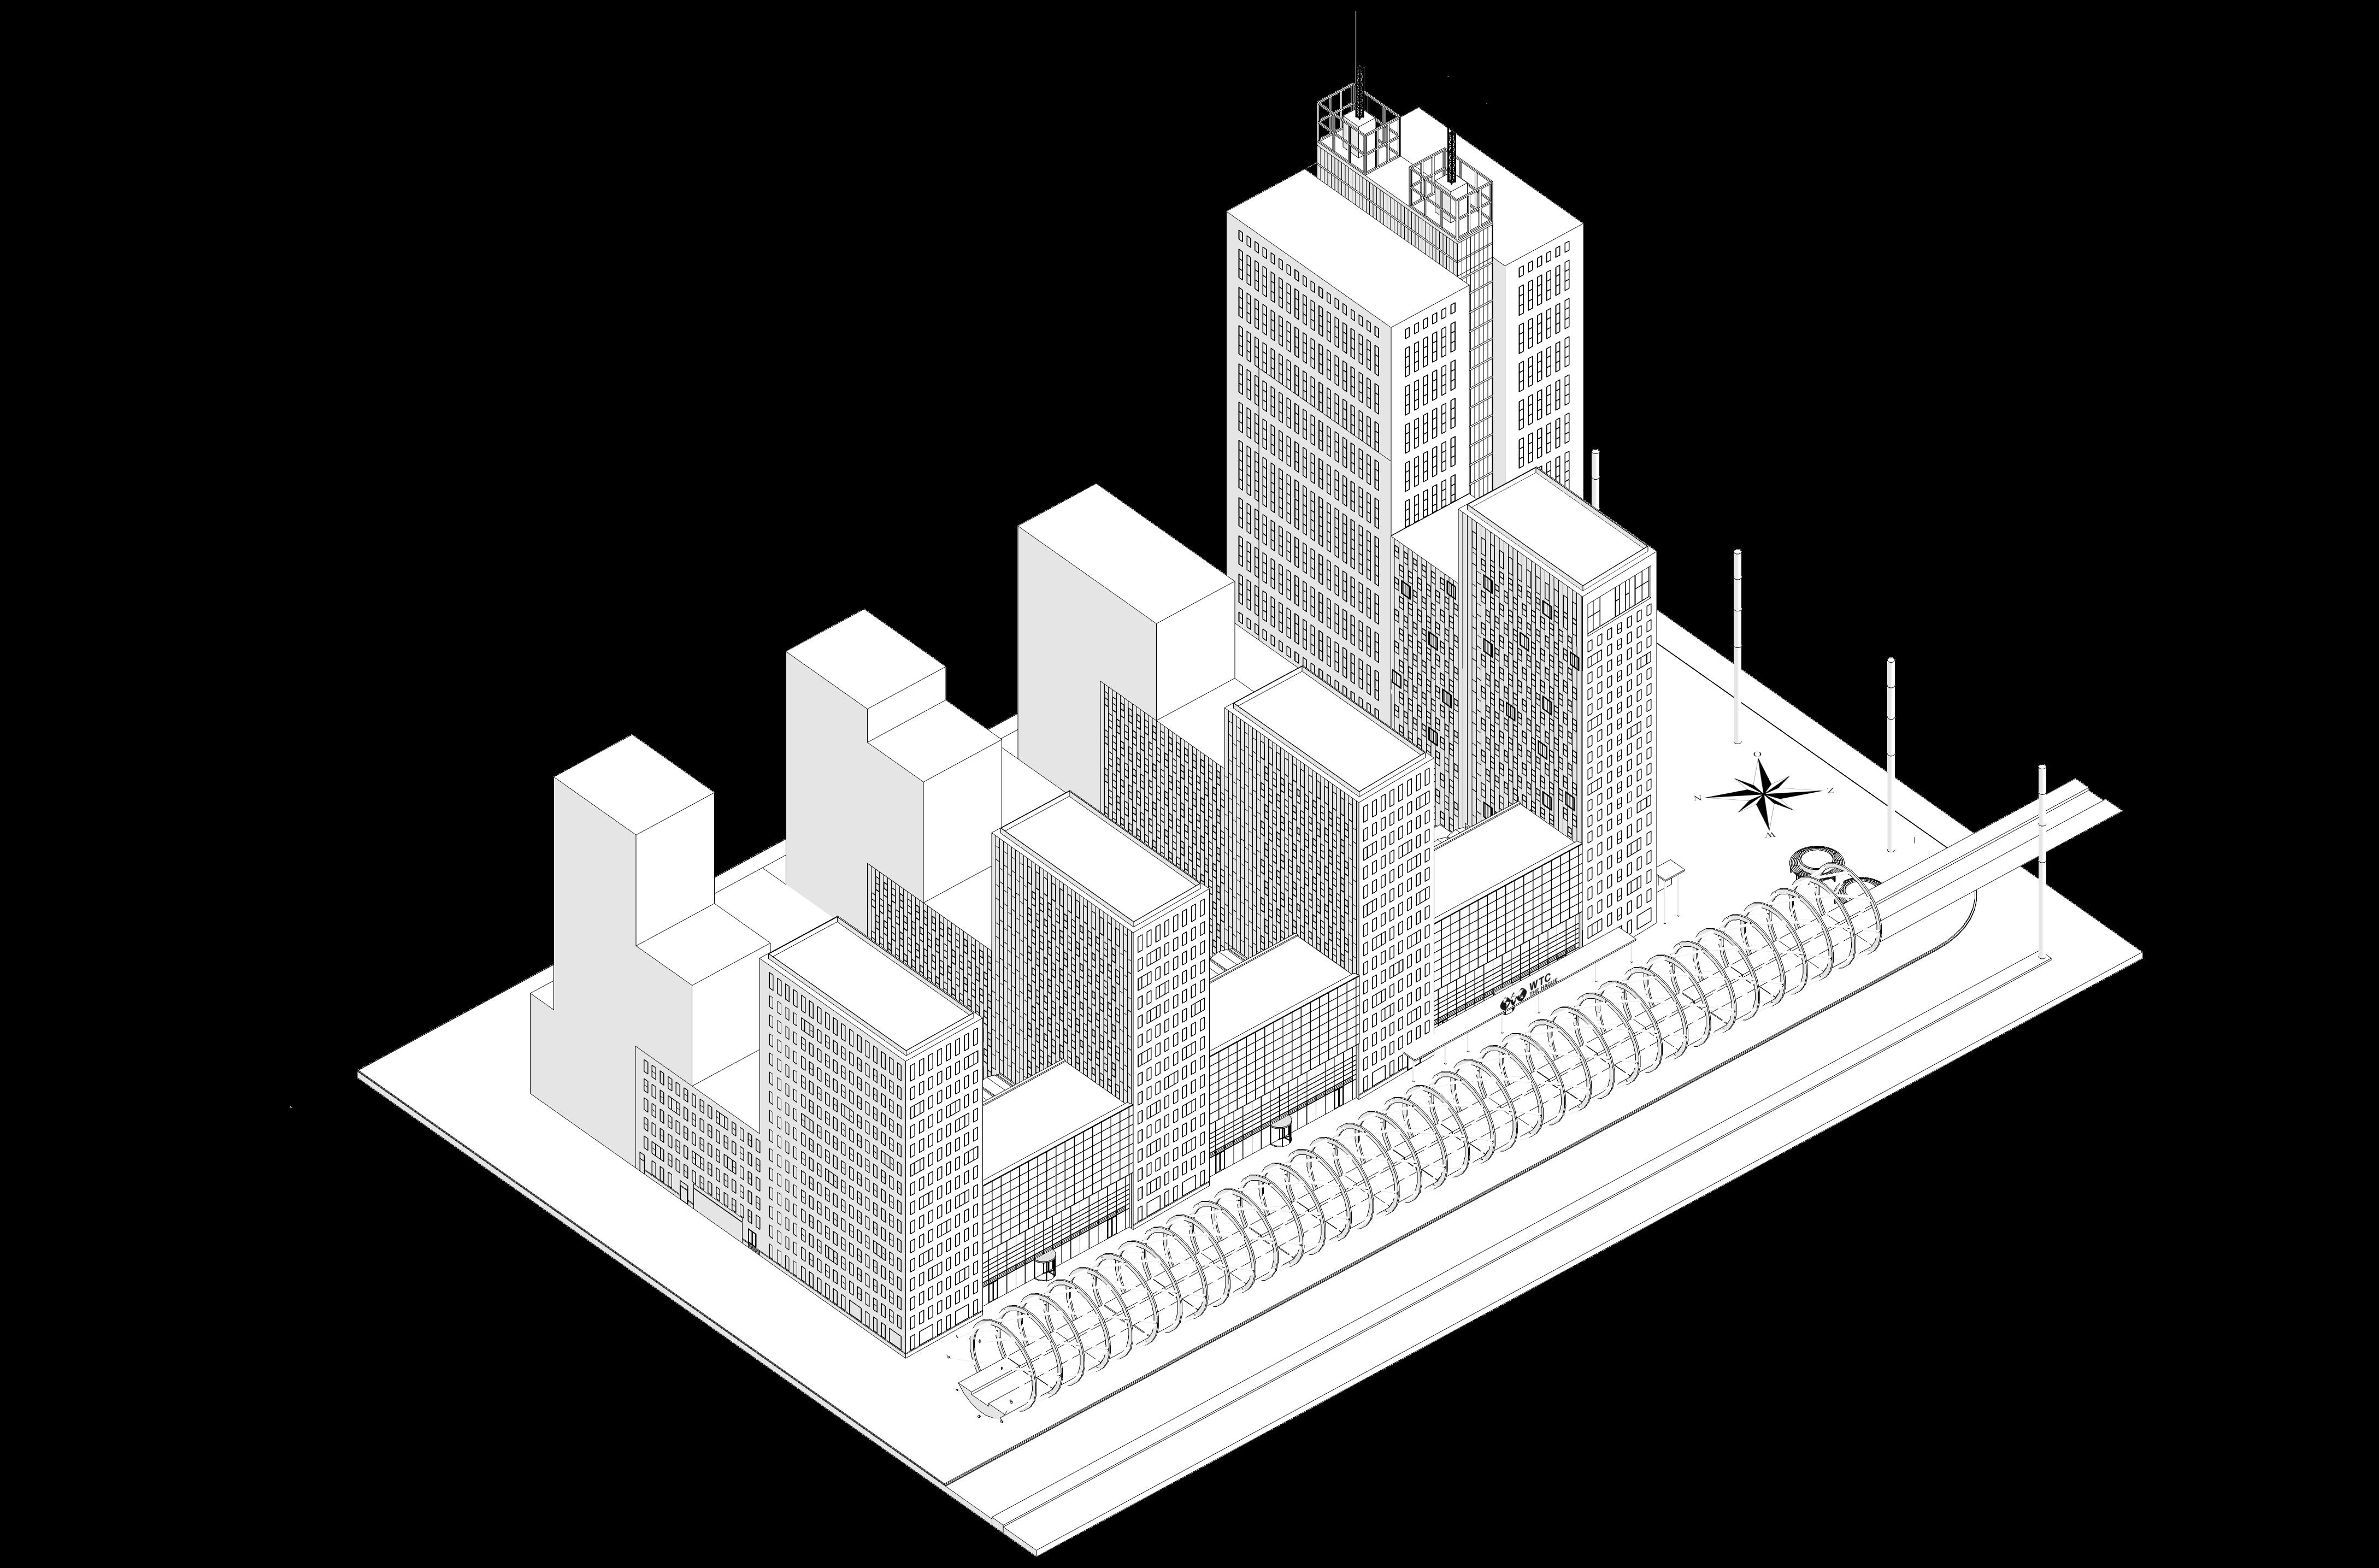 WTC West